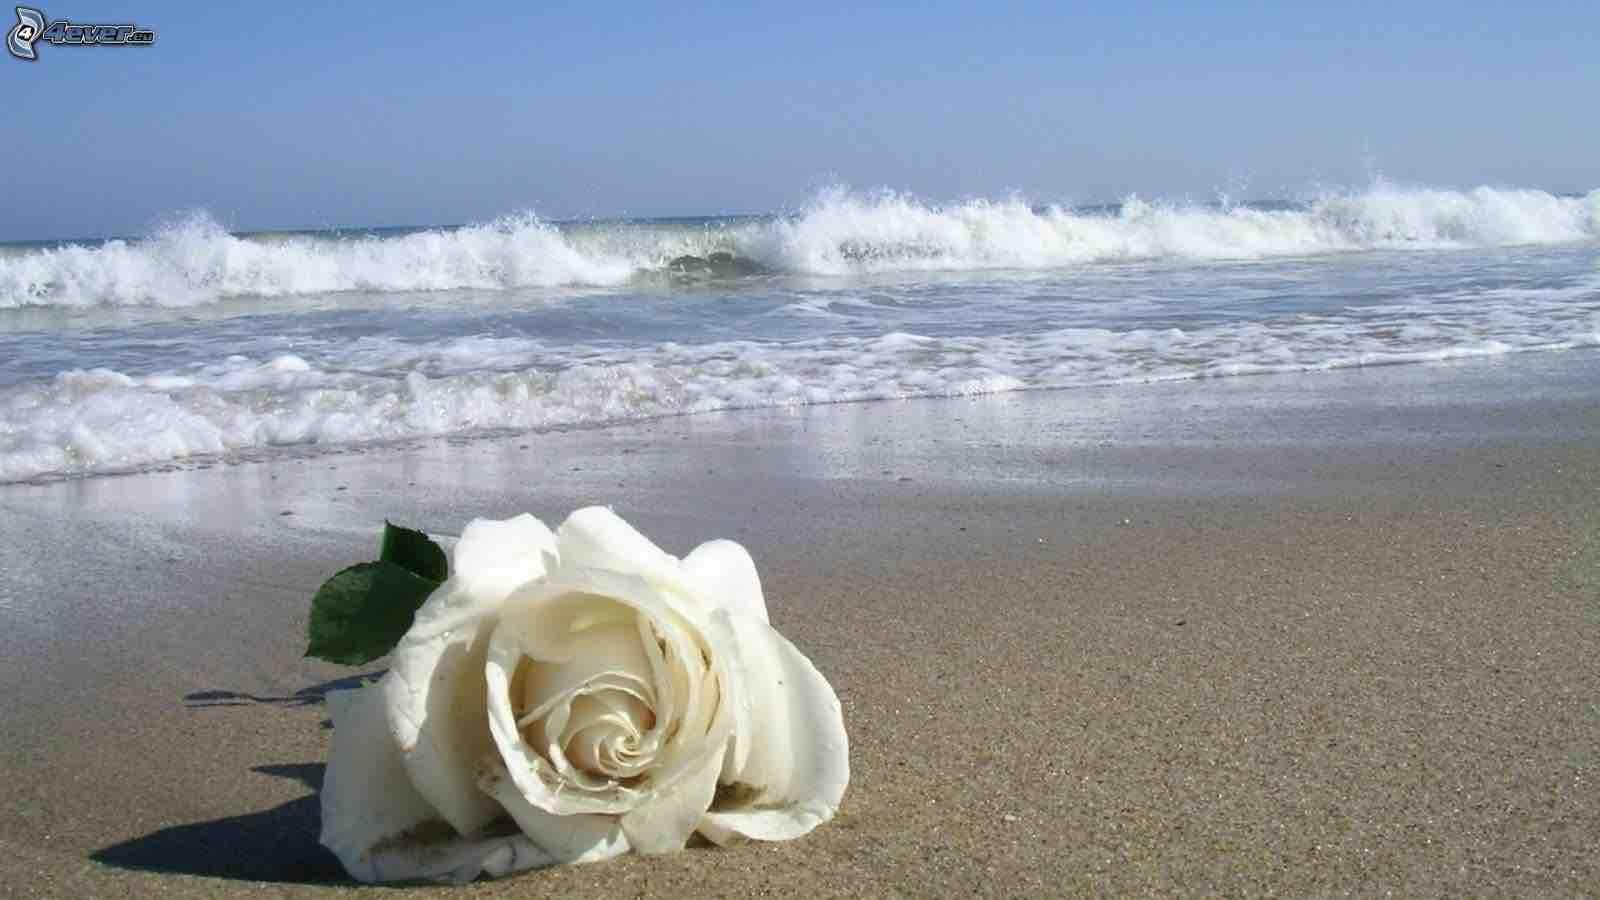 rosa-bianca,-spiaggia-sabbiosa,-mare-232193